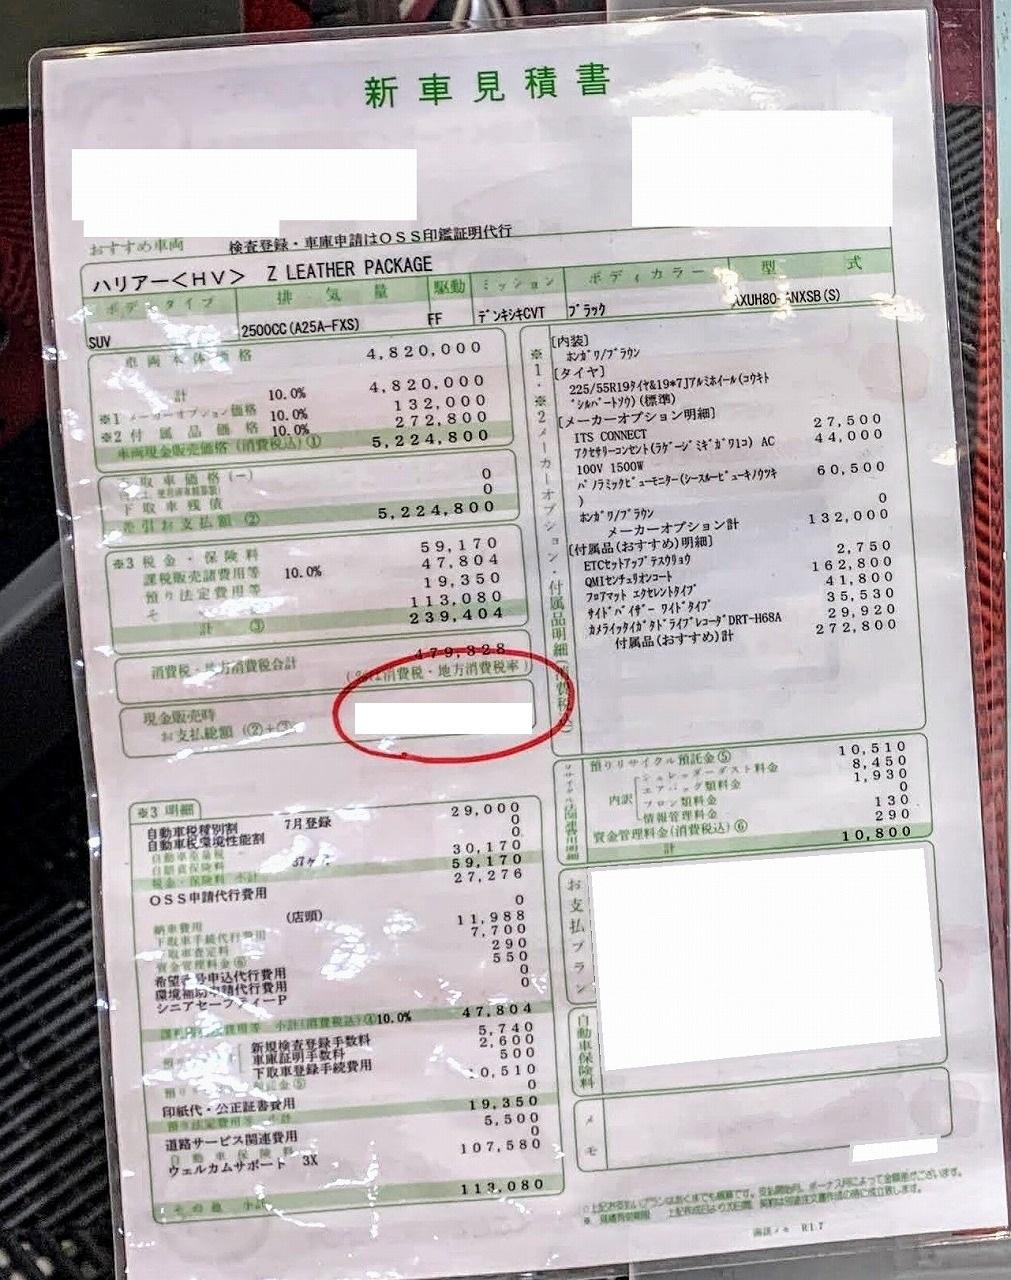 新型ハリアーの見積書2枚公開!トップグレード「HVハイブリットZレザーパッケージ」と中間グレード「Gガソリン車FFモデル」の乗り出し価格は?